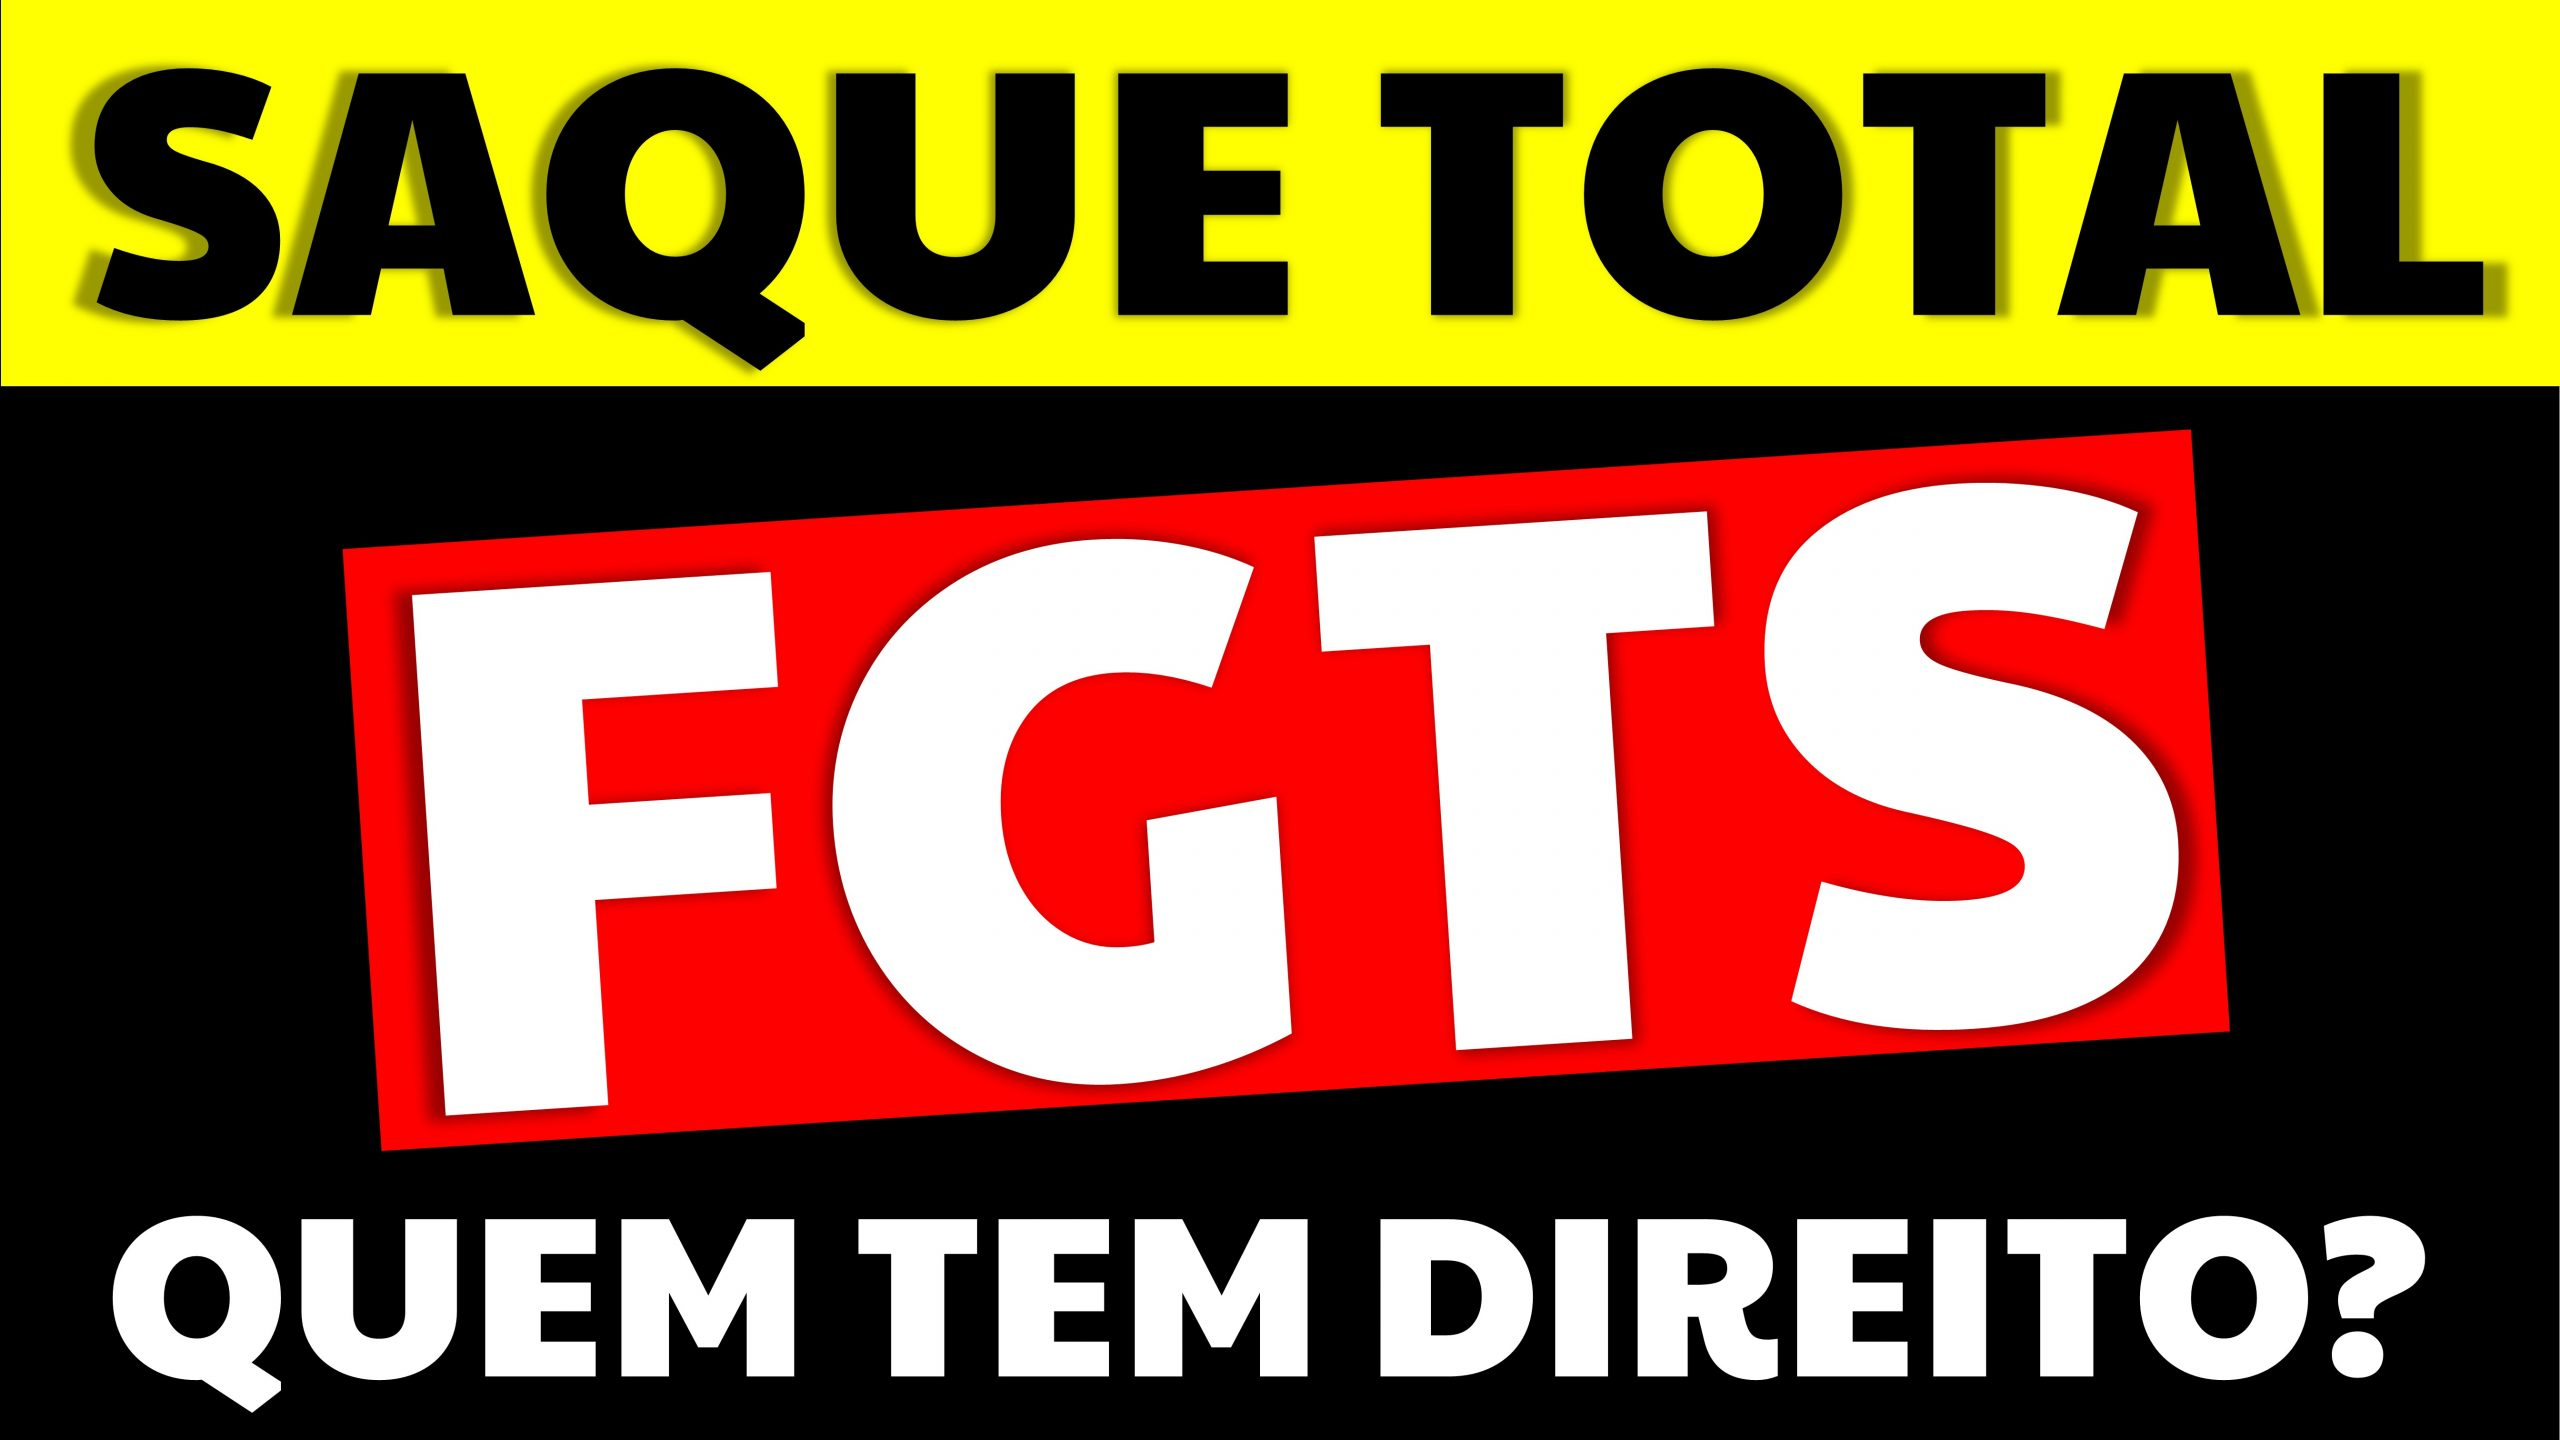 Saque total do FGTS: quem tem direito e em quais situações?